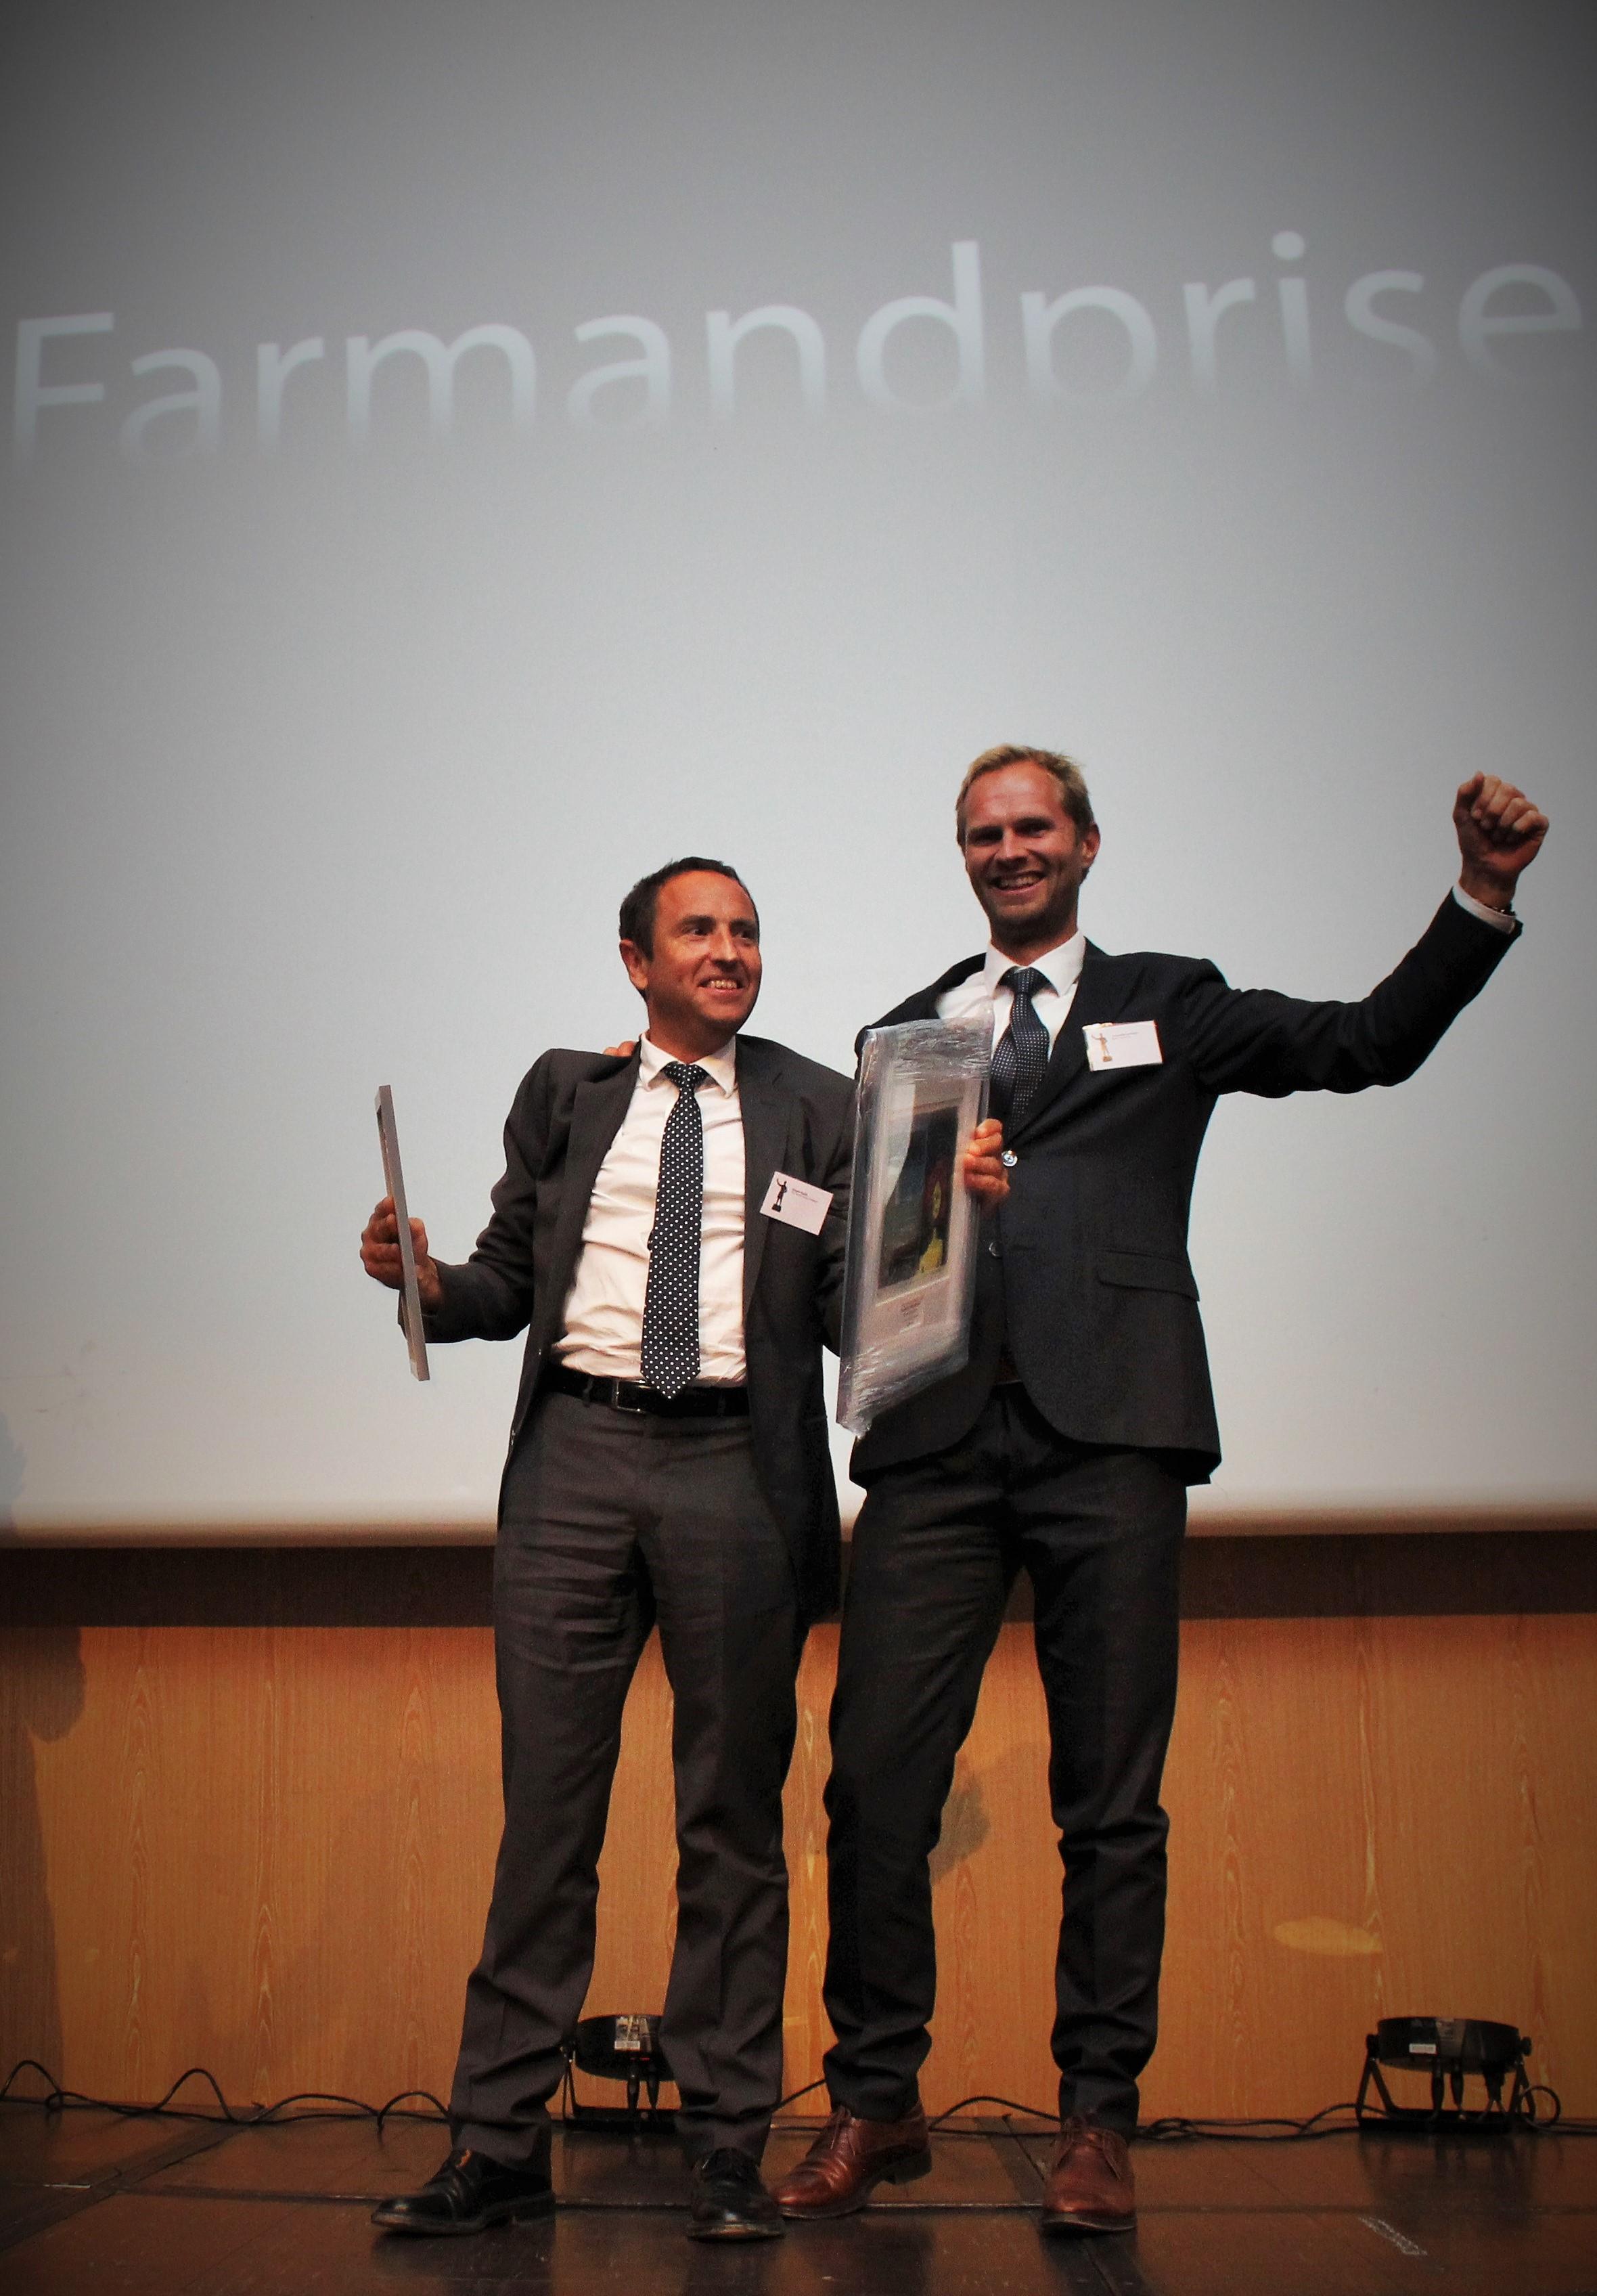 Farmandprisen Beste nettted 2014 - Beste Ide & design nr 1: Den Norske Opera & Ballett